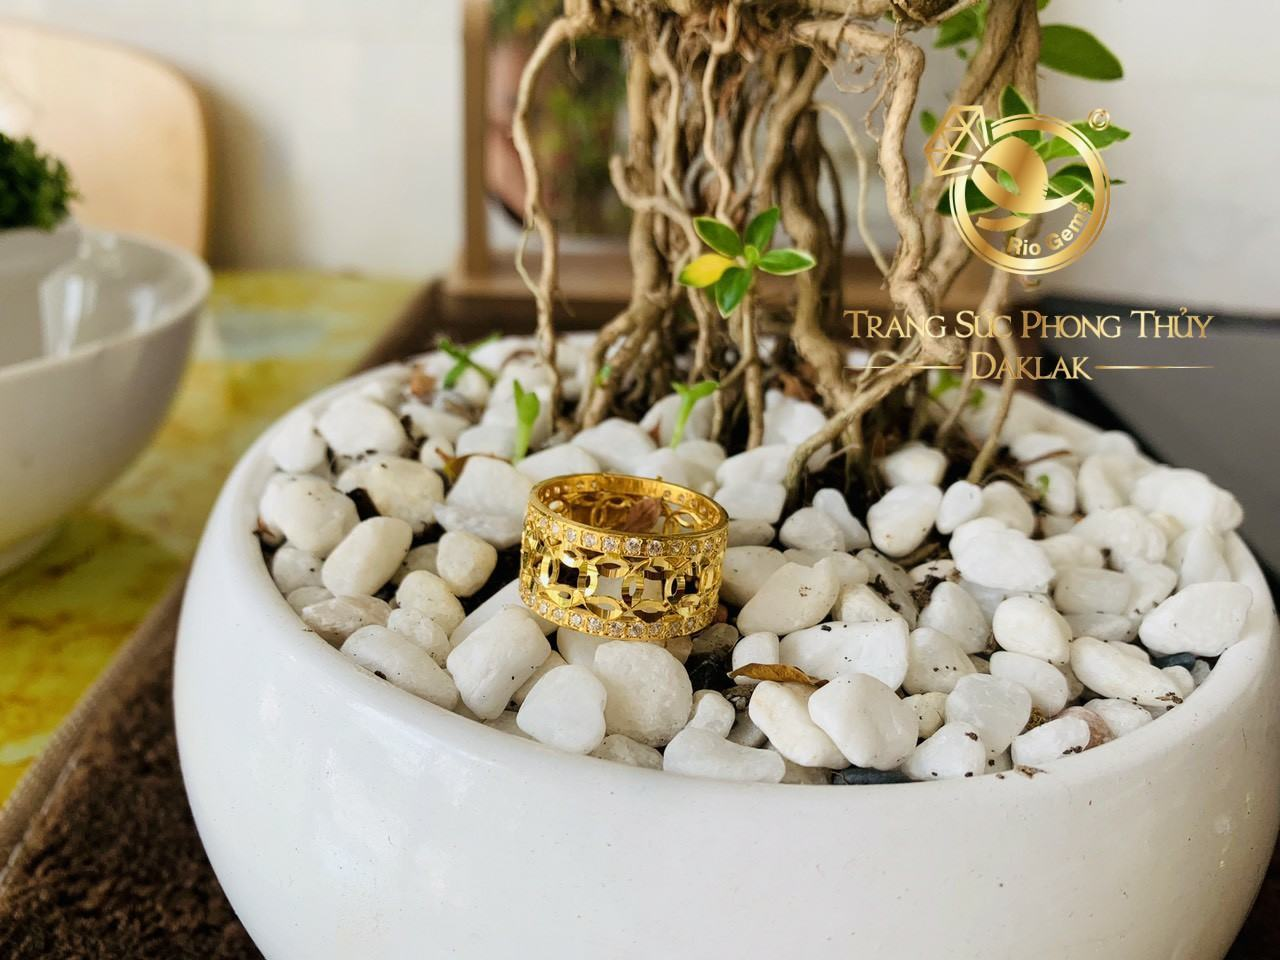 Nhẫn kim tiền chạy 2 hàng đá tấm trắng vàng 18K Riogems